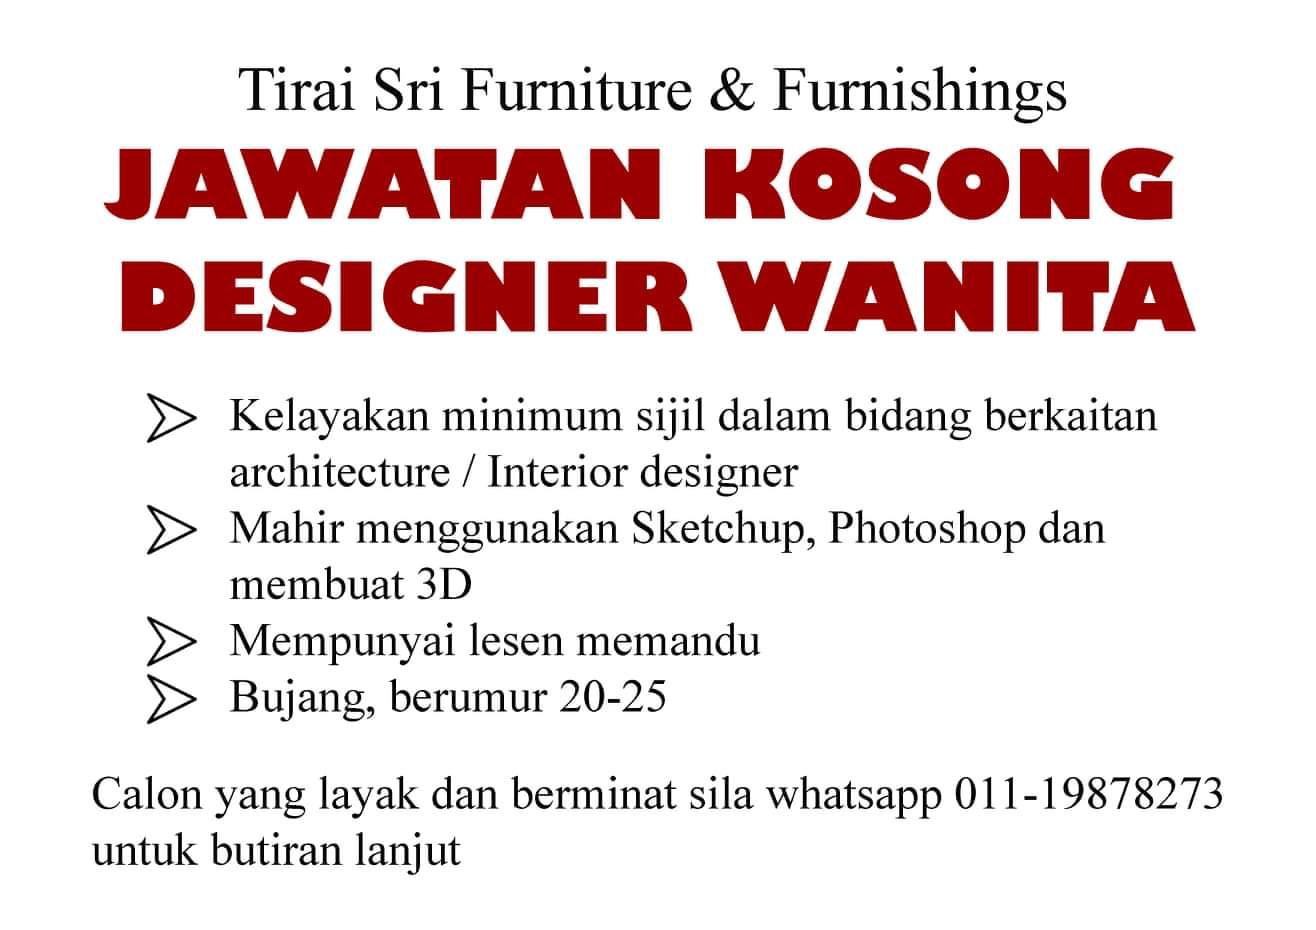 Jawatan Kosong Di Tirai Sri Furniture & Furnishing